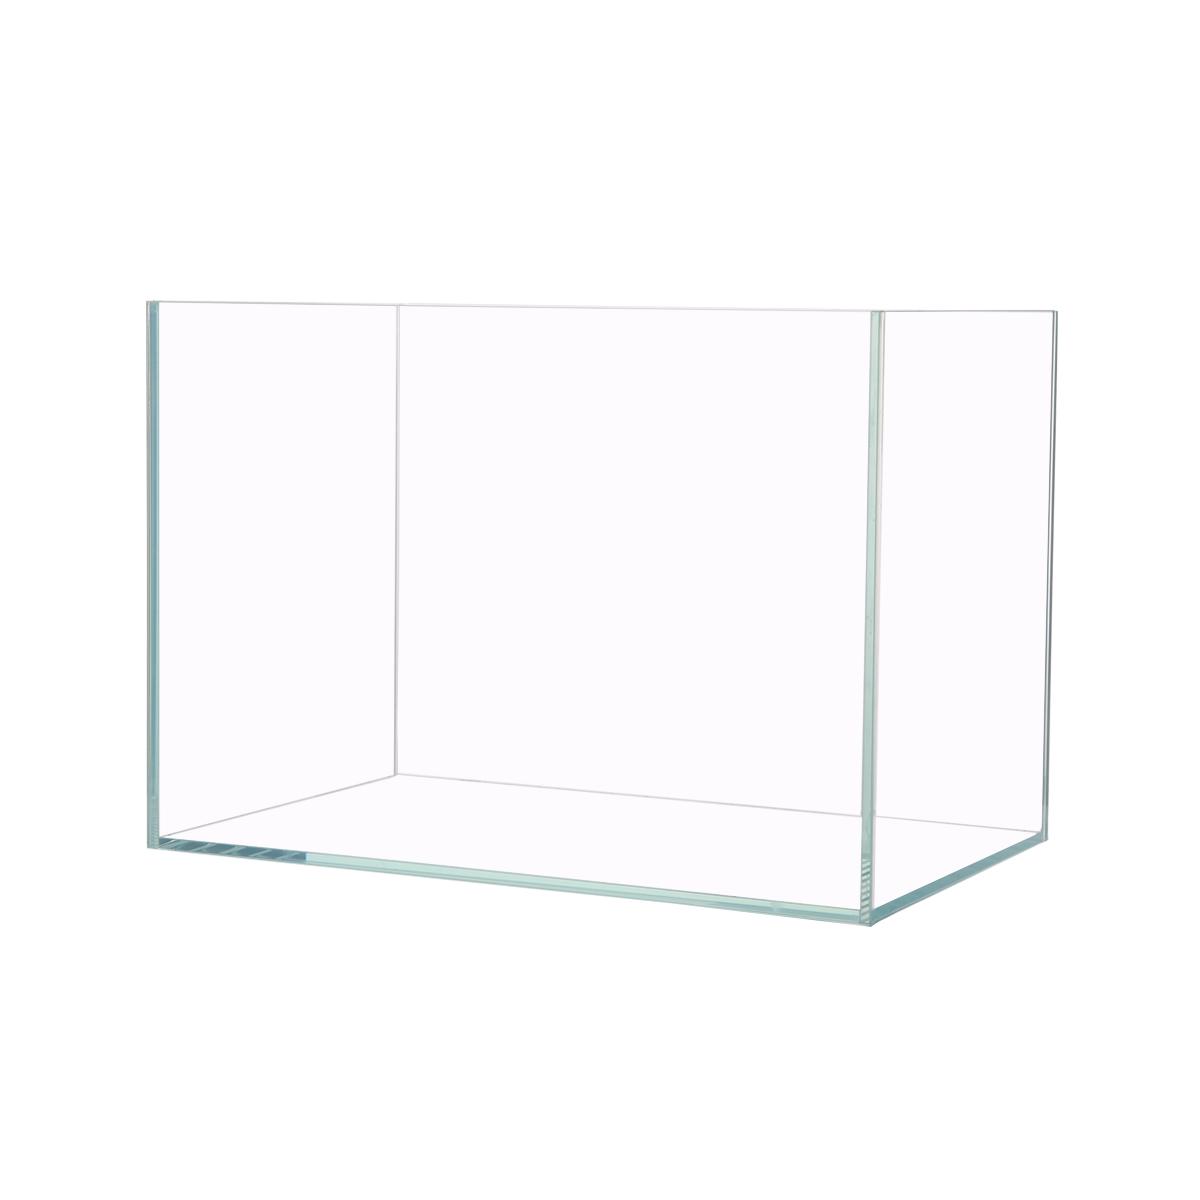 聚宝源 超白玻璃鱼缸乌龟缸草缸金鱼缸 JBY-400 小图 (0)